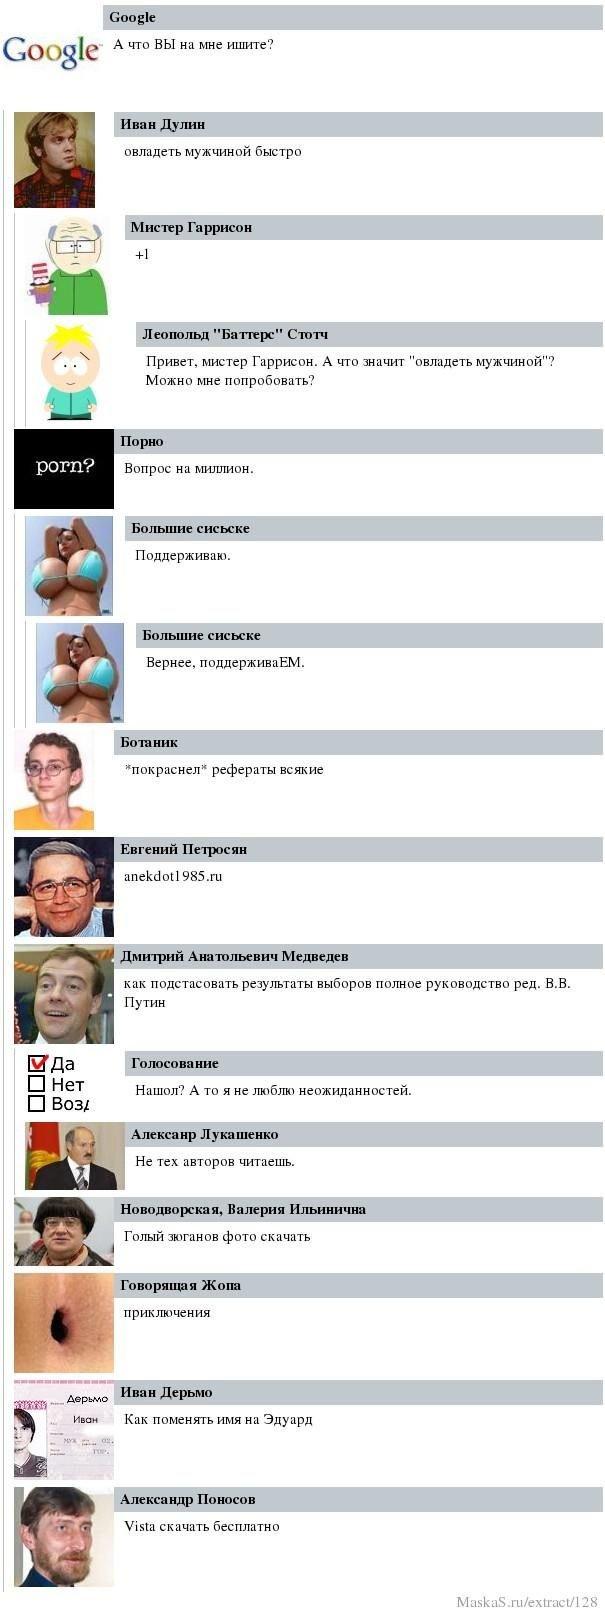 Знаменитости общаются в ЖЖ (10 фото)